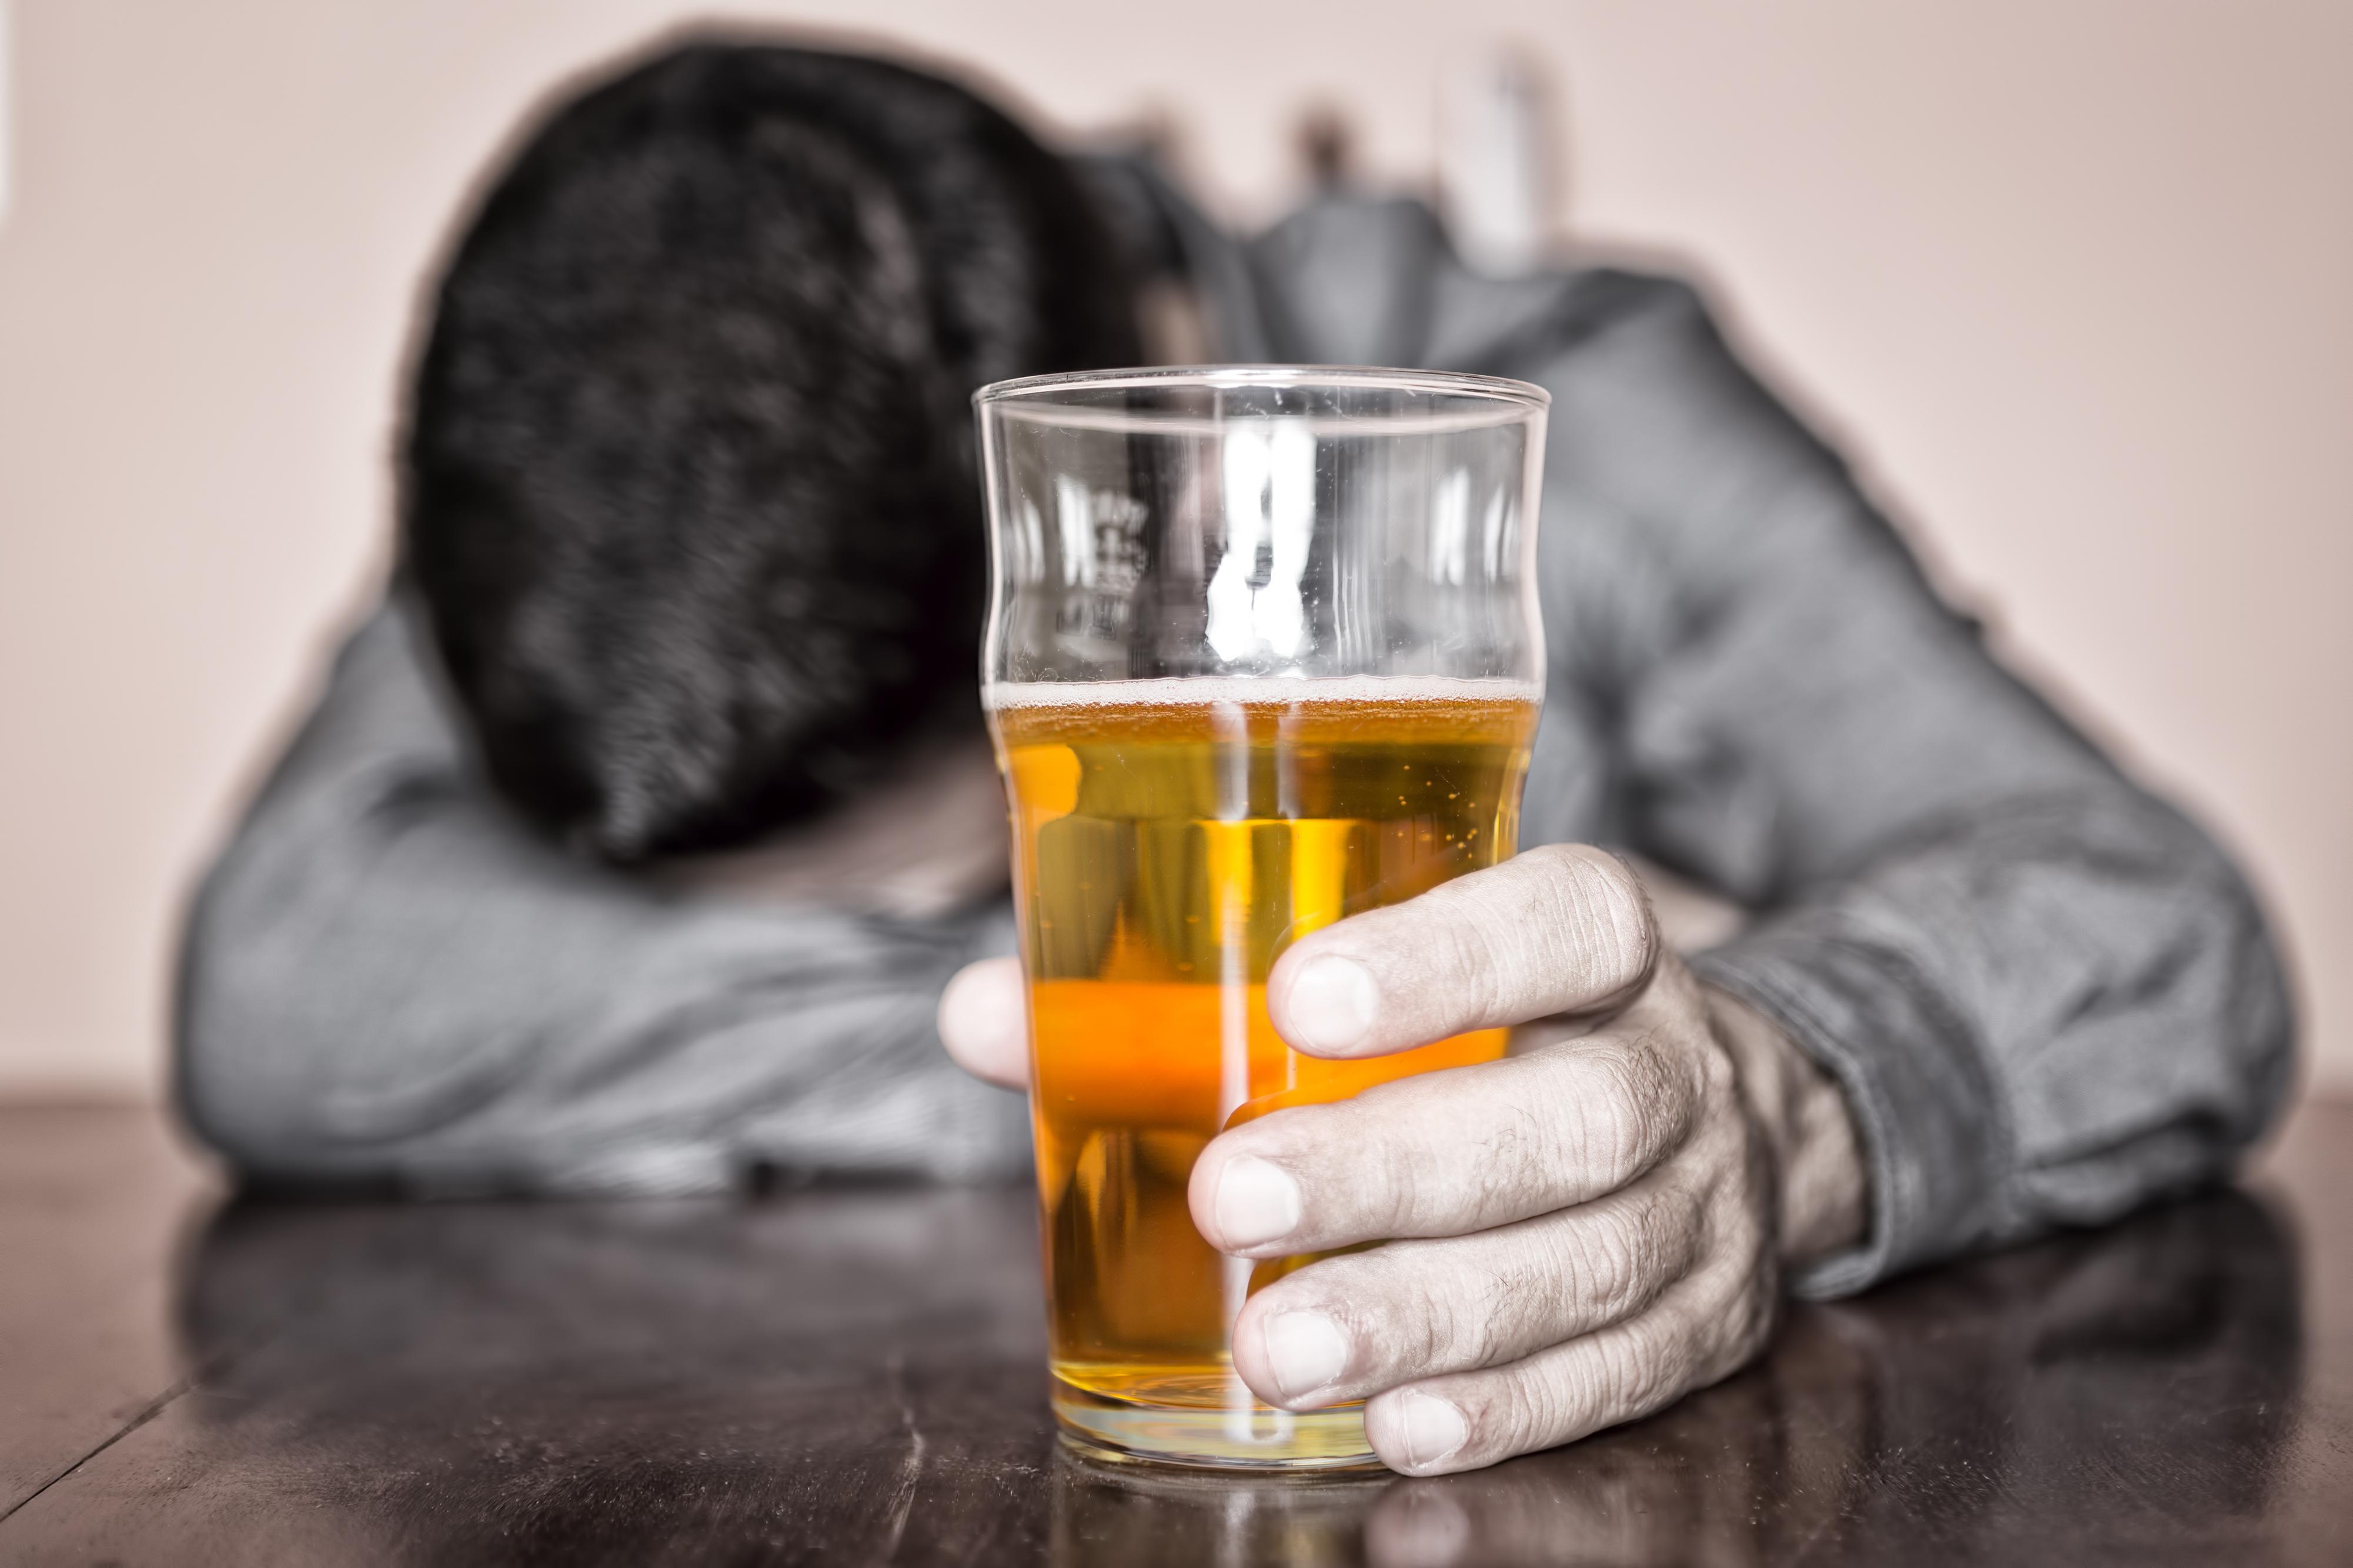 دراسة : الإيرلنديون الأعلى عالمياً في استهلاك الكحول